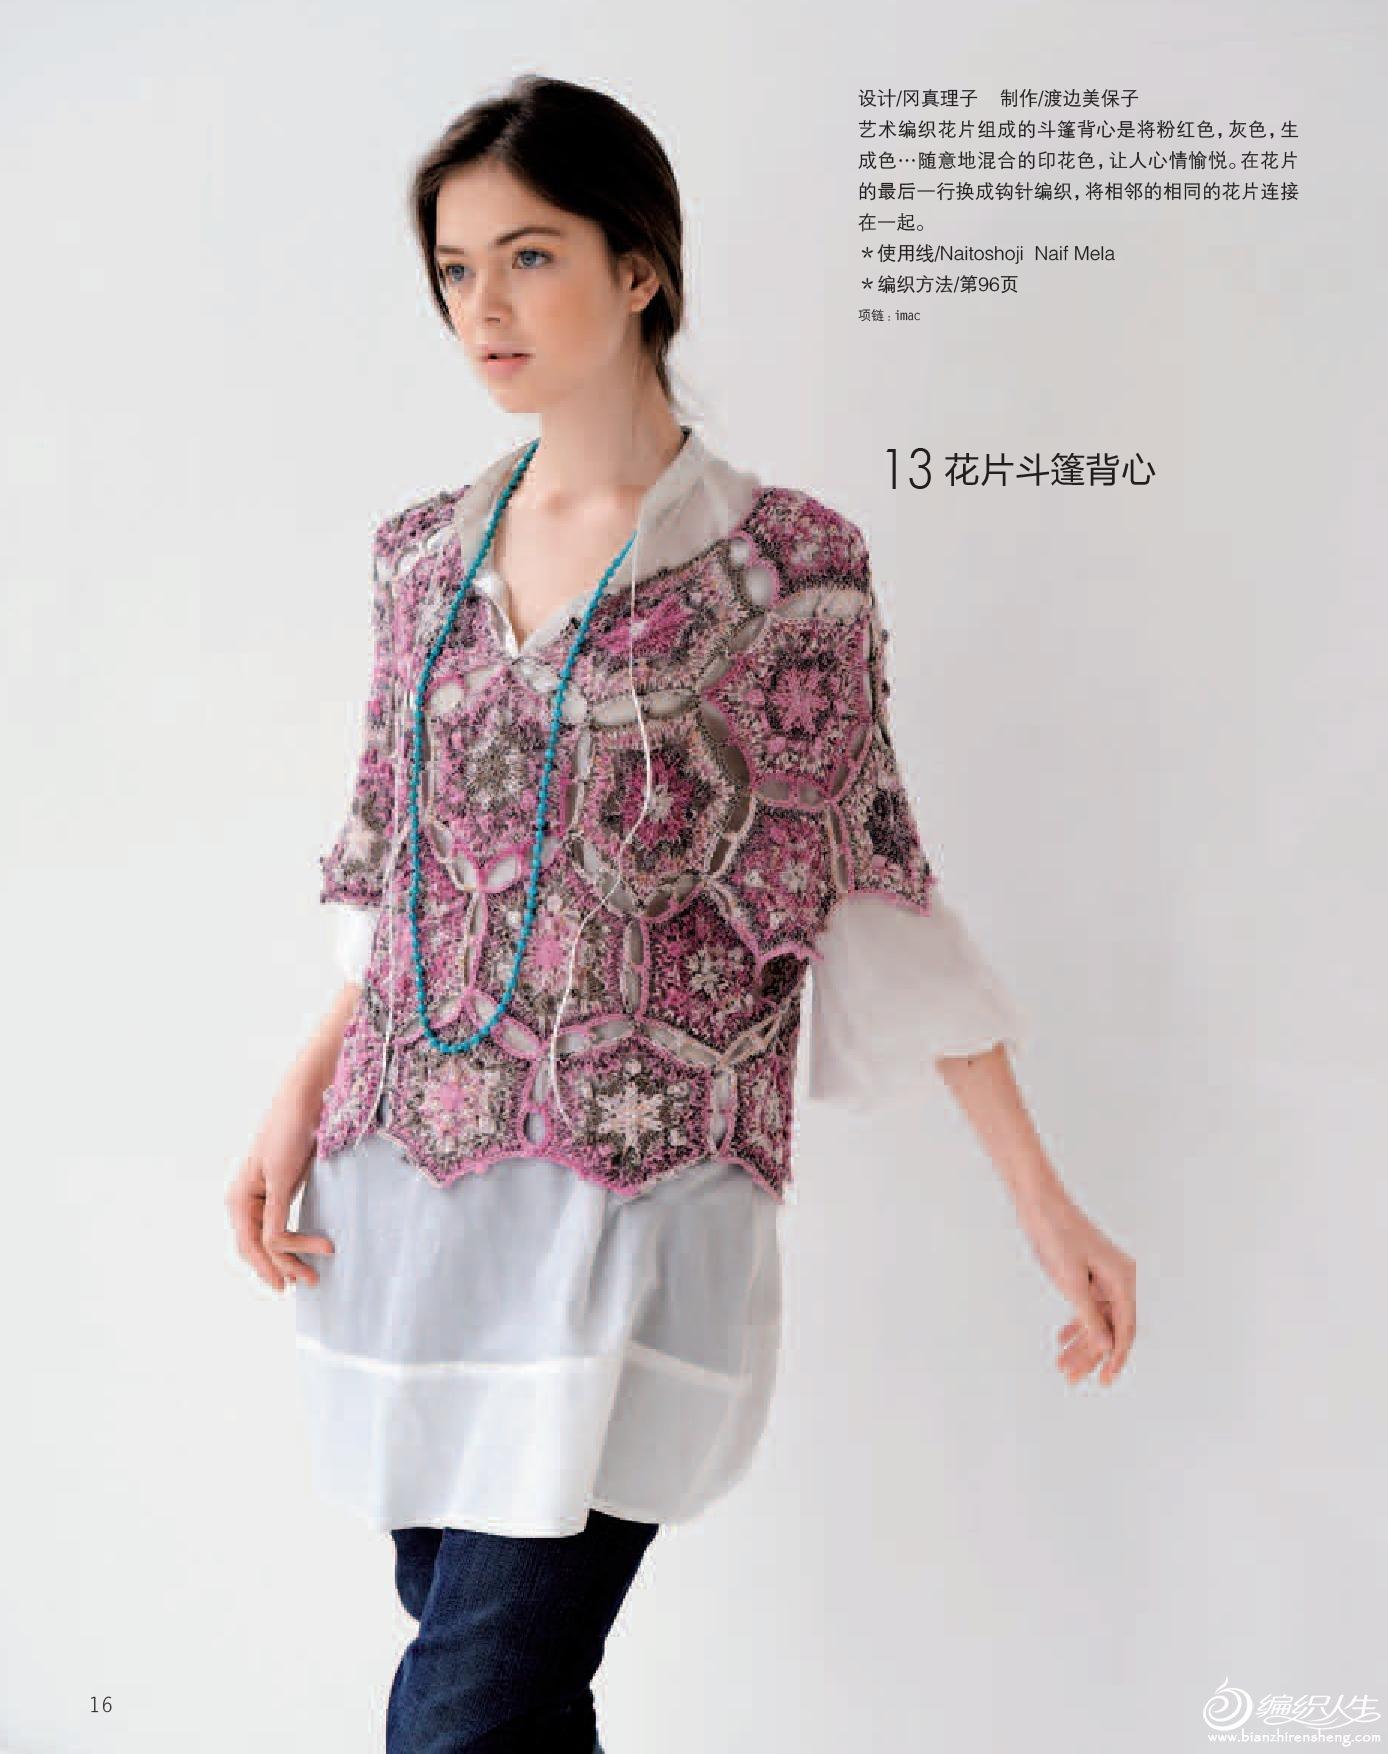 世界编织1 蕾丝编织的美丽世界-16.jpg